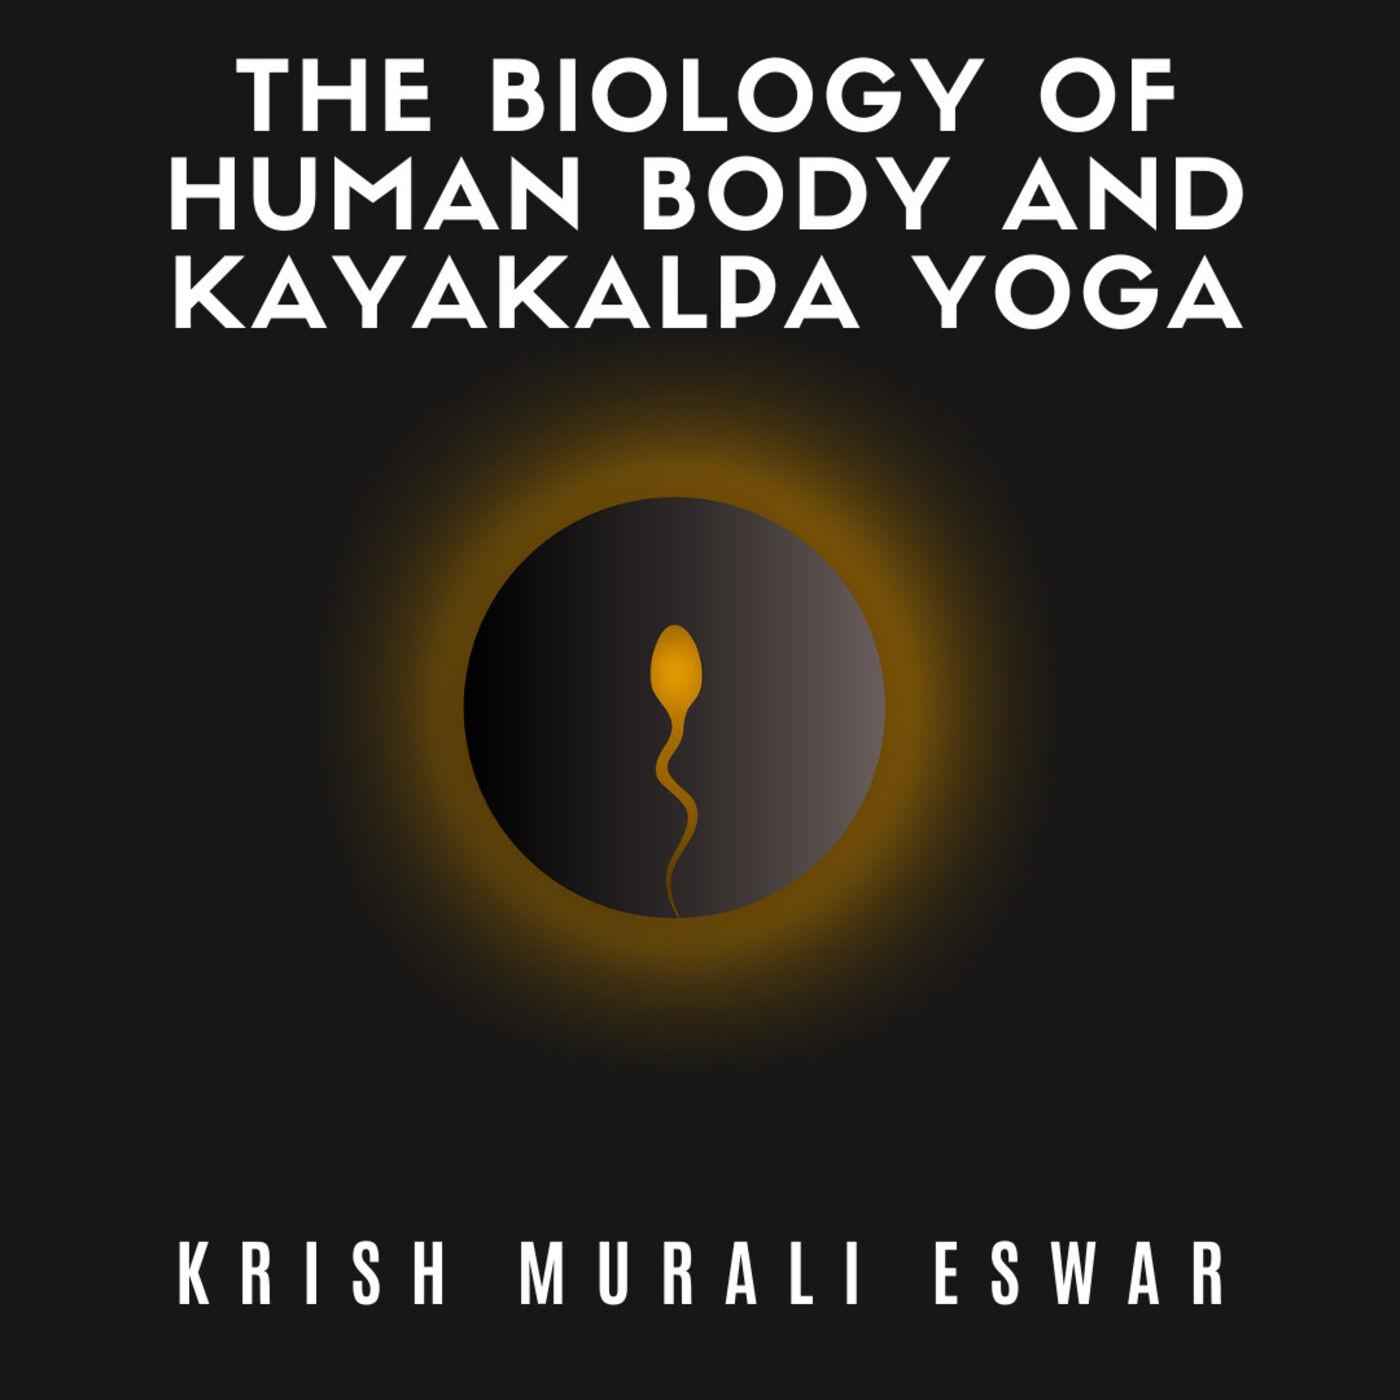 096 The Biology of Human Body and Kayakalpa Yoga